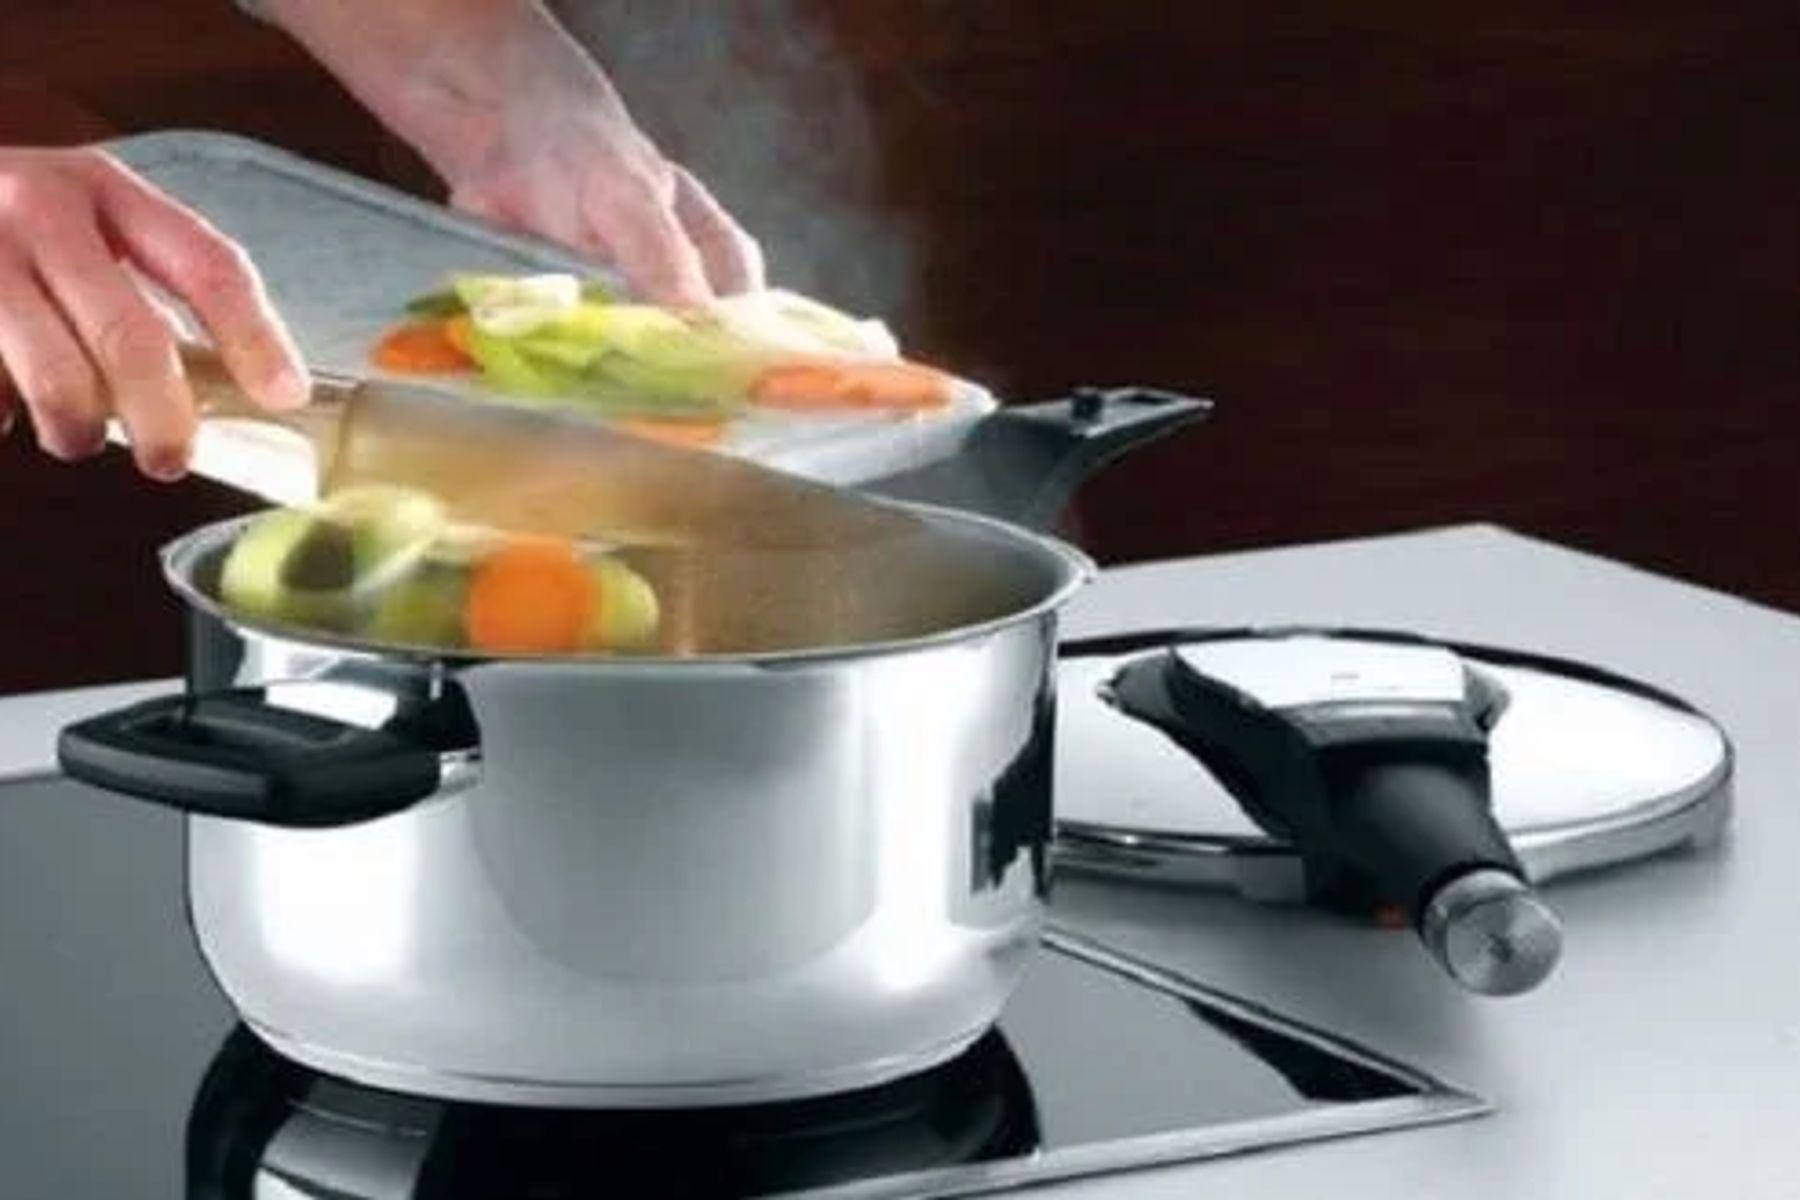 Nguy hiểm không ngờ đến khi dùng nồi nhôm để nấu ăn?